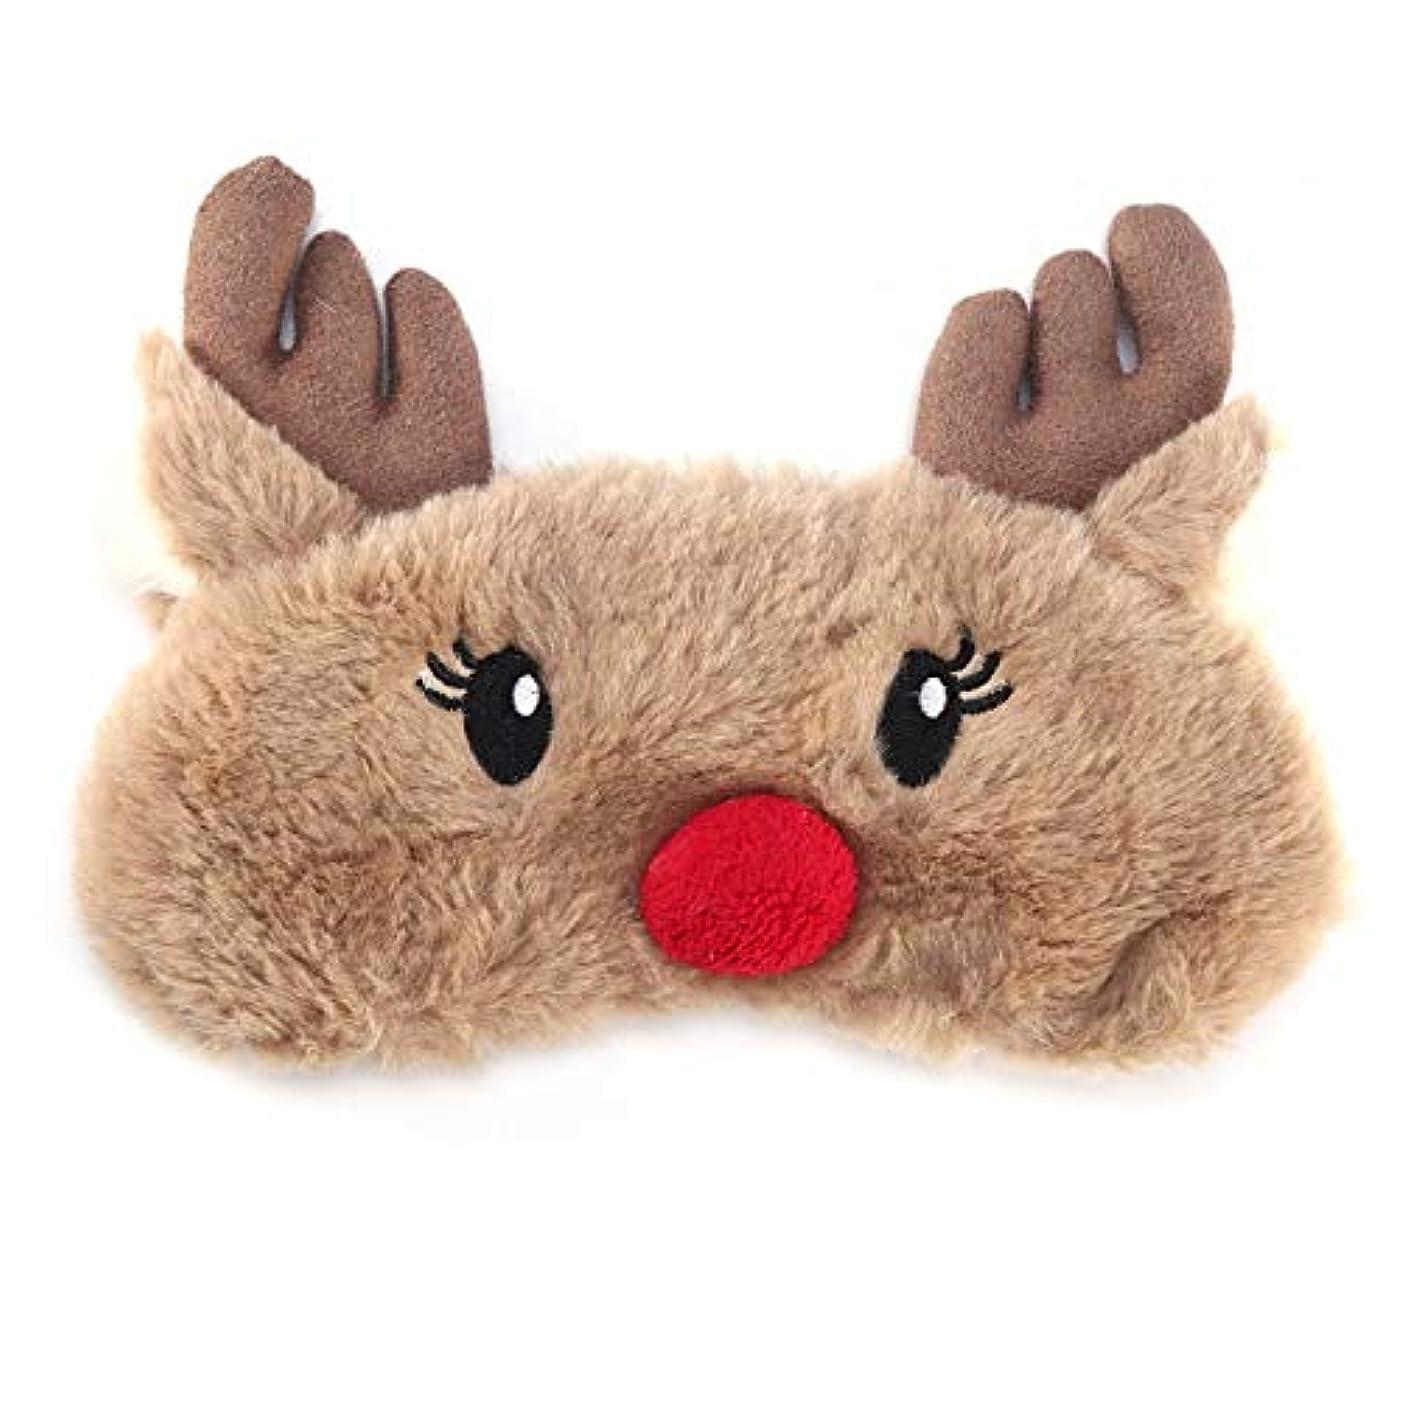 髄ユーモアファイルNOTE かわいいアニマルアイカバースリーピングマスクアイパッチ包帯目隠しクリスマス鹿冬漫画昼寝アイシェードぬいぐるみスリーピングマスク